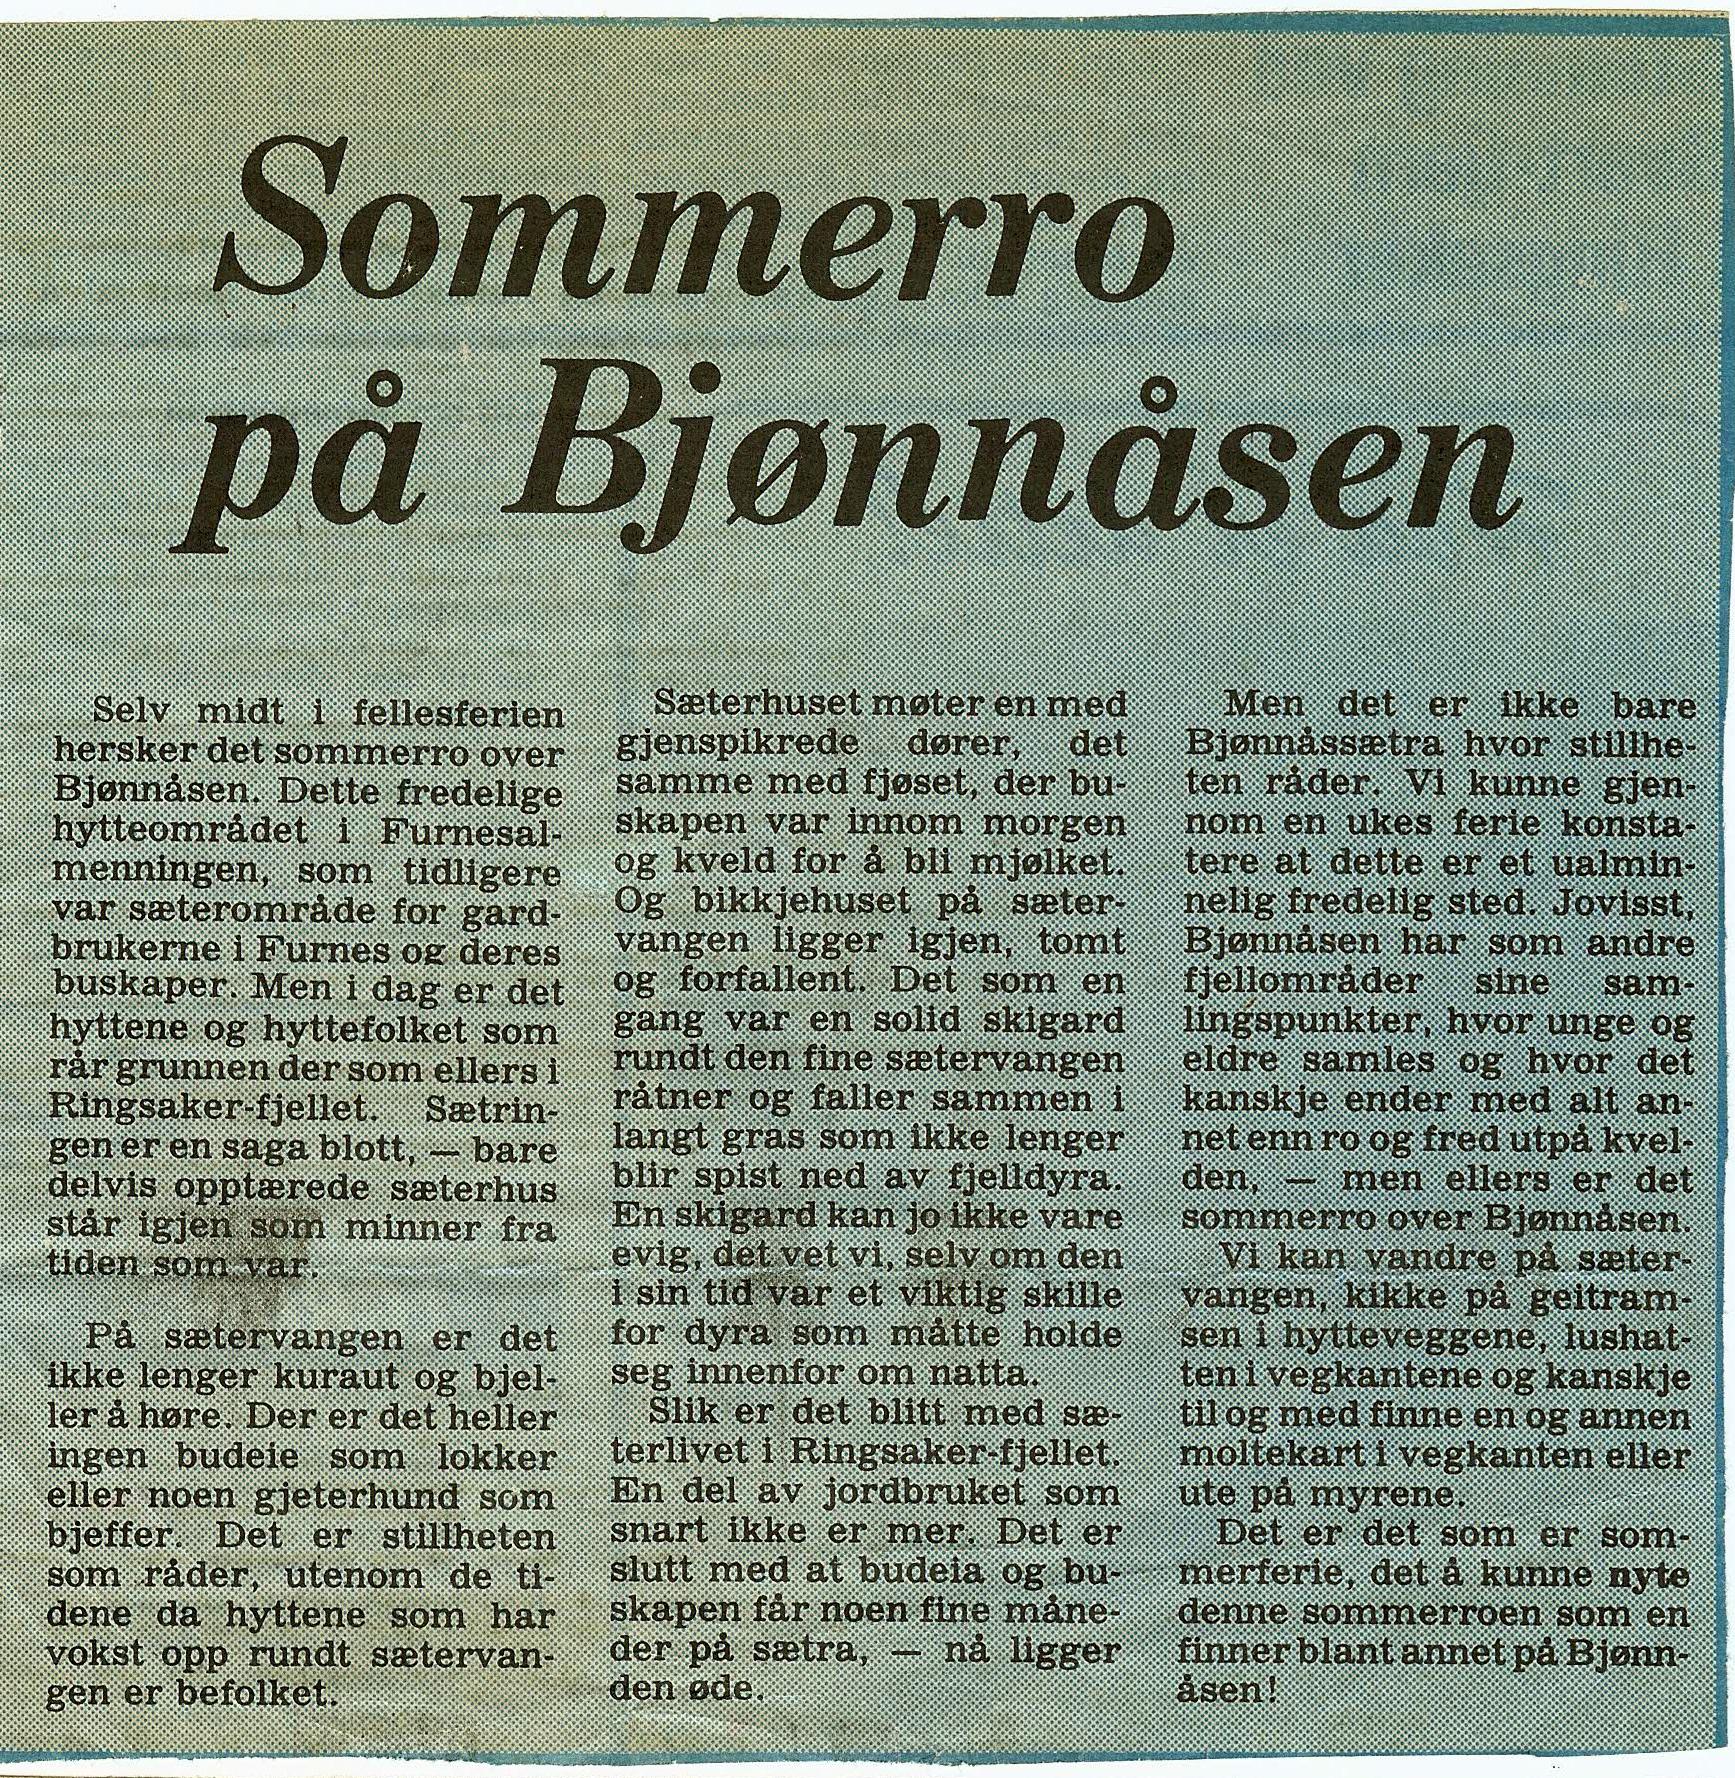 Sommerro_tekst.jpg